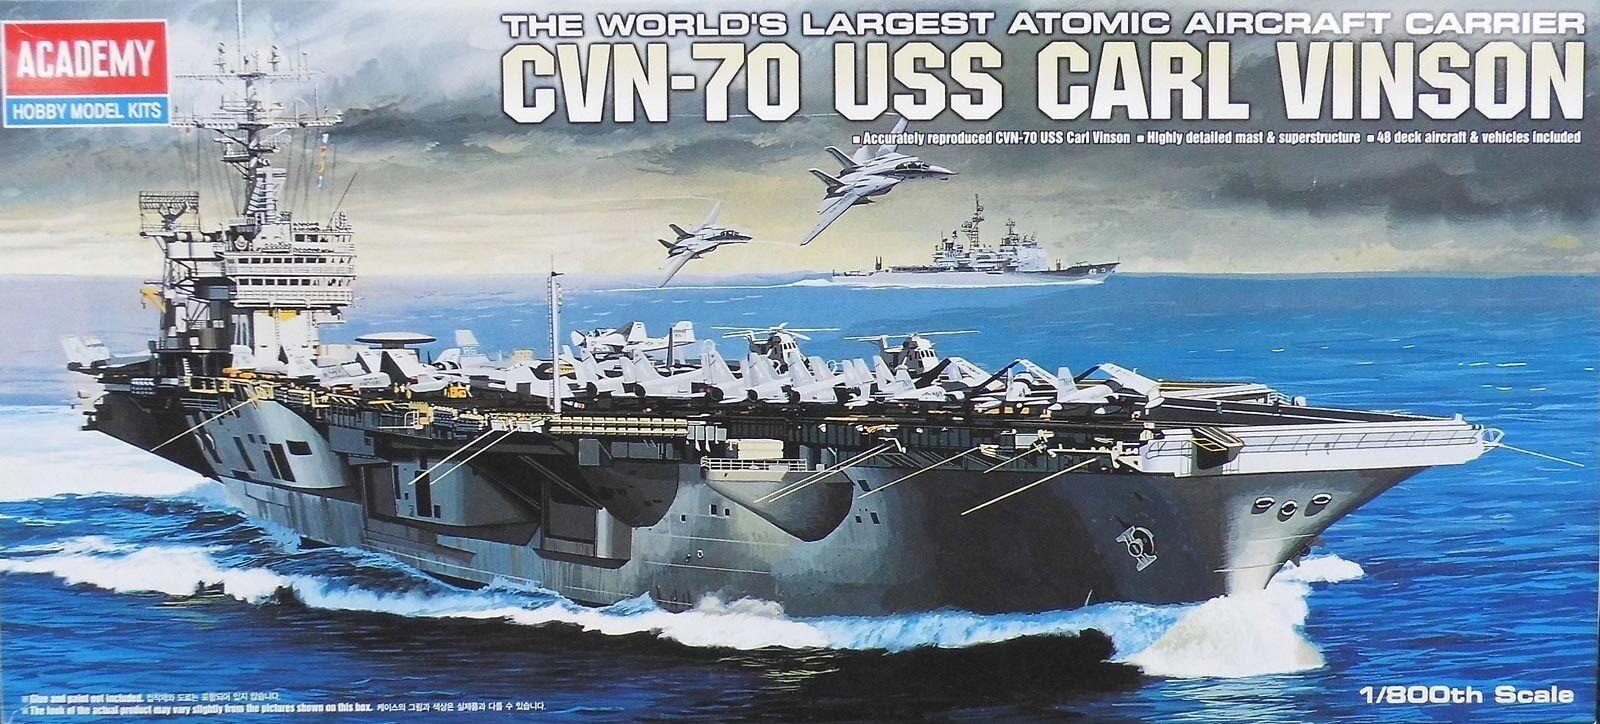 Academy 1 800 (14209)  Aircraft Carrier CVN-70 USS CARL VINSON